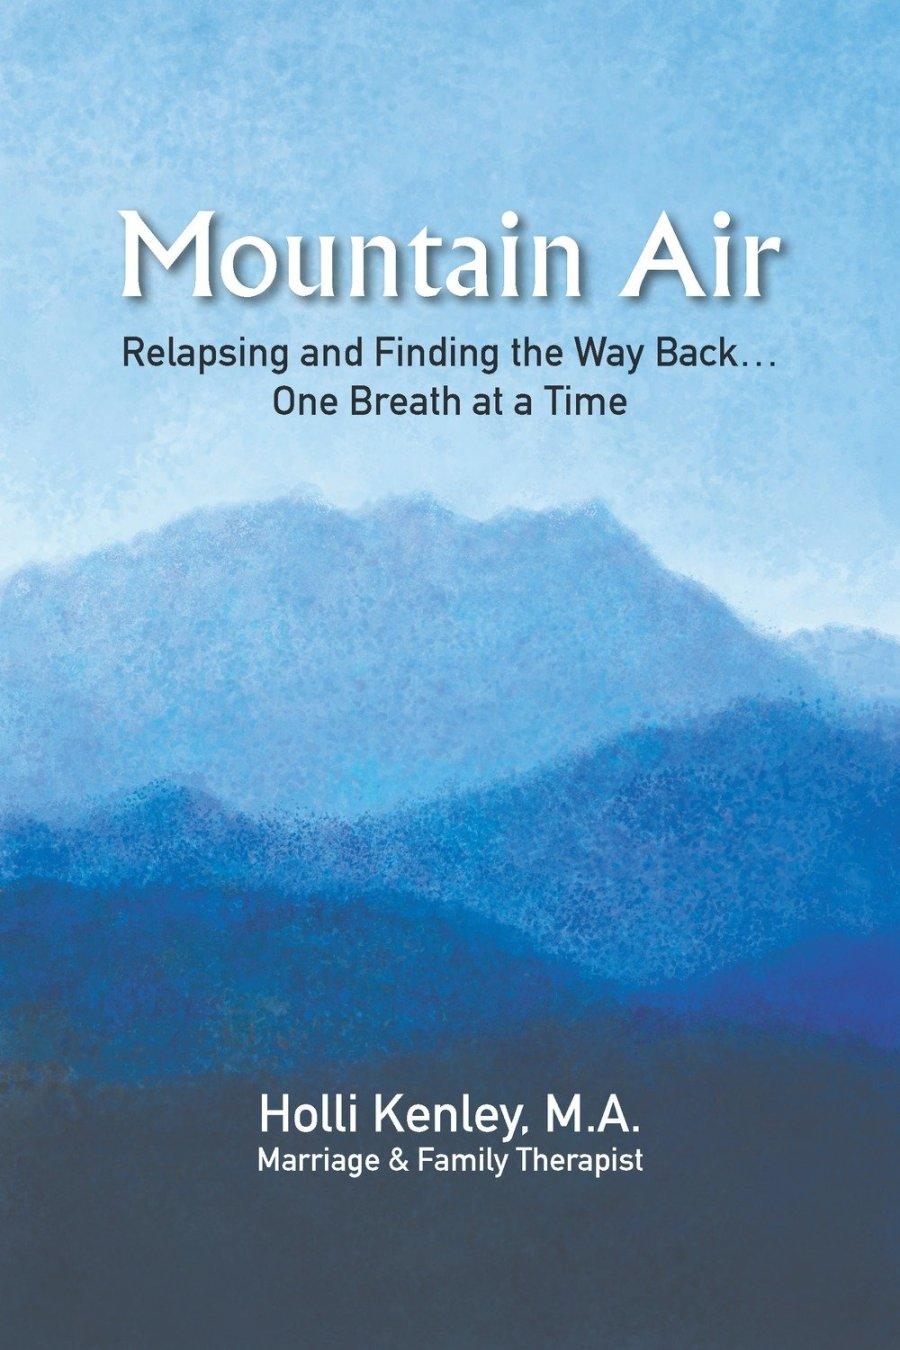 Mountain Air